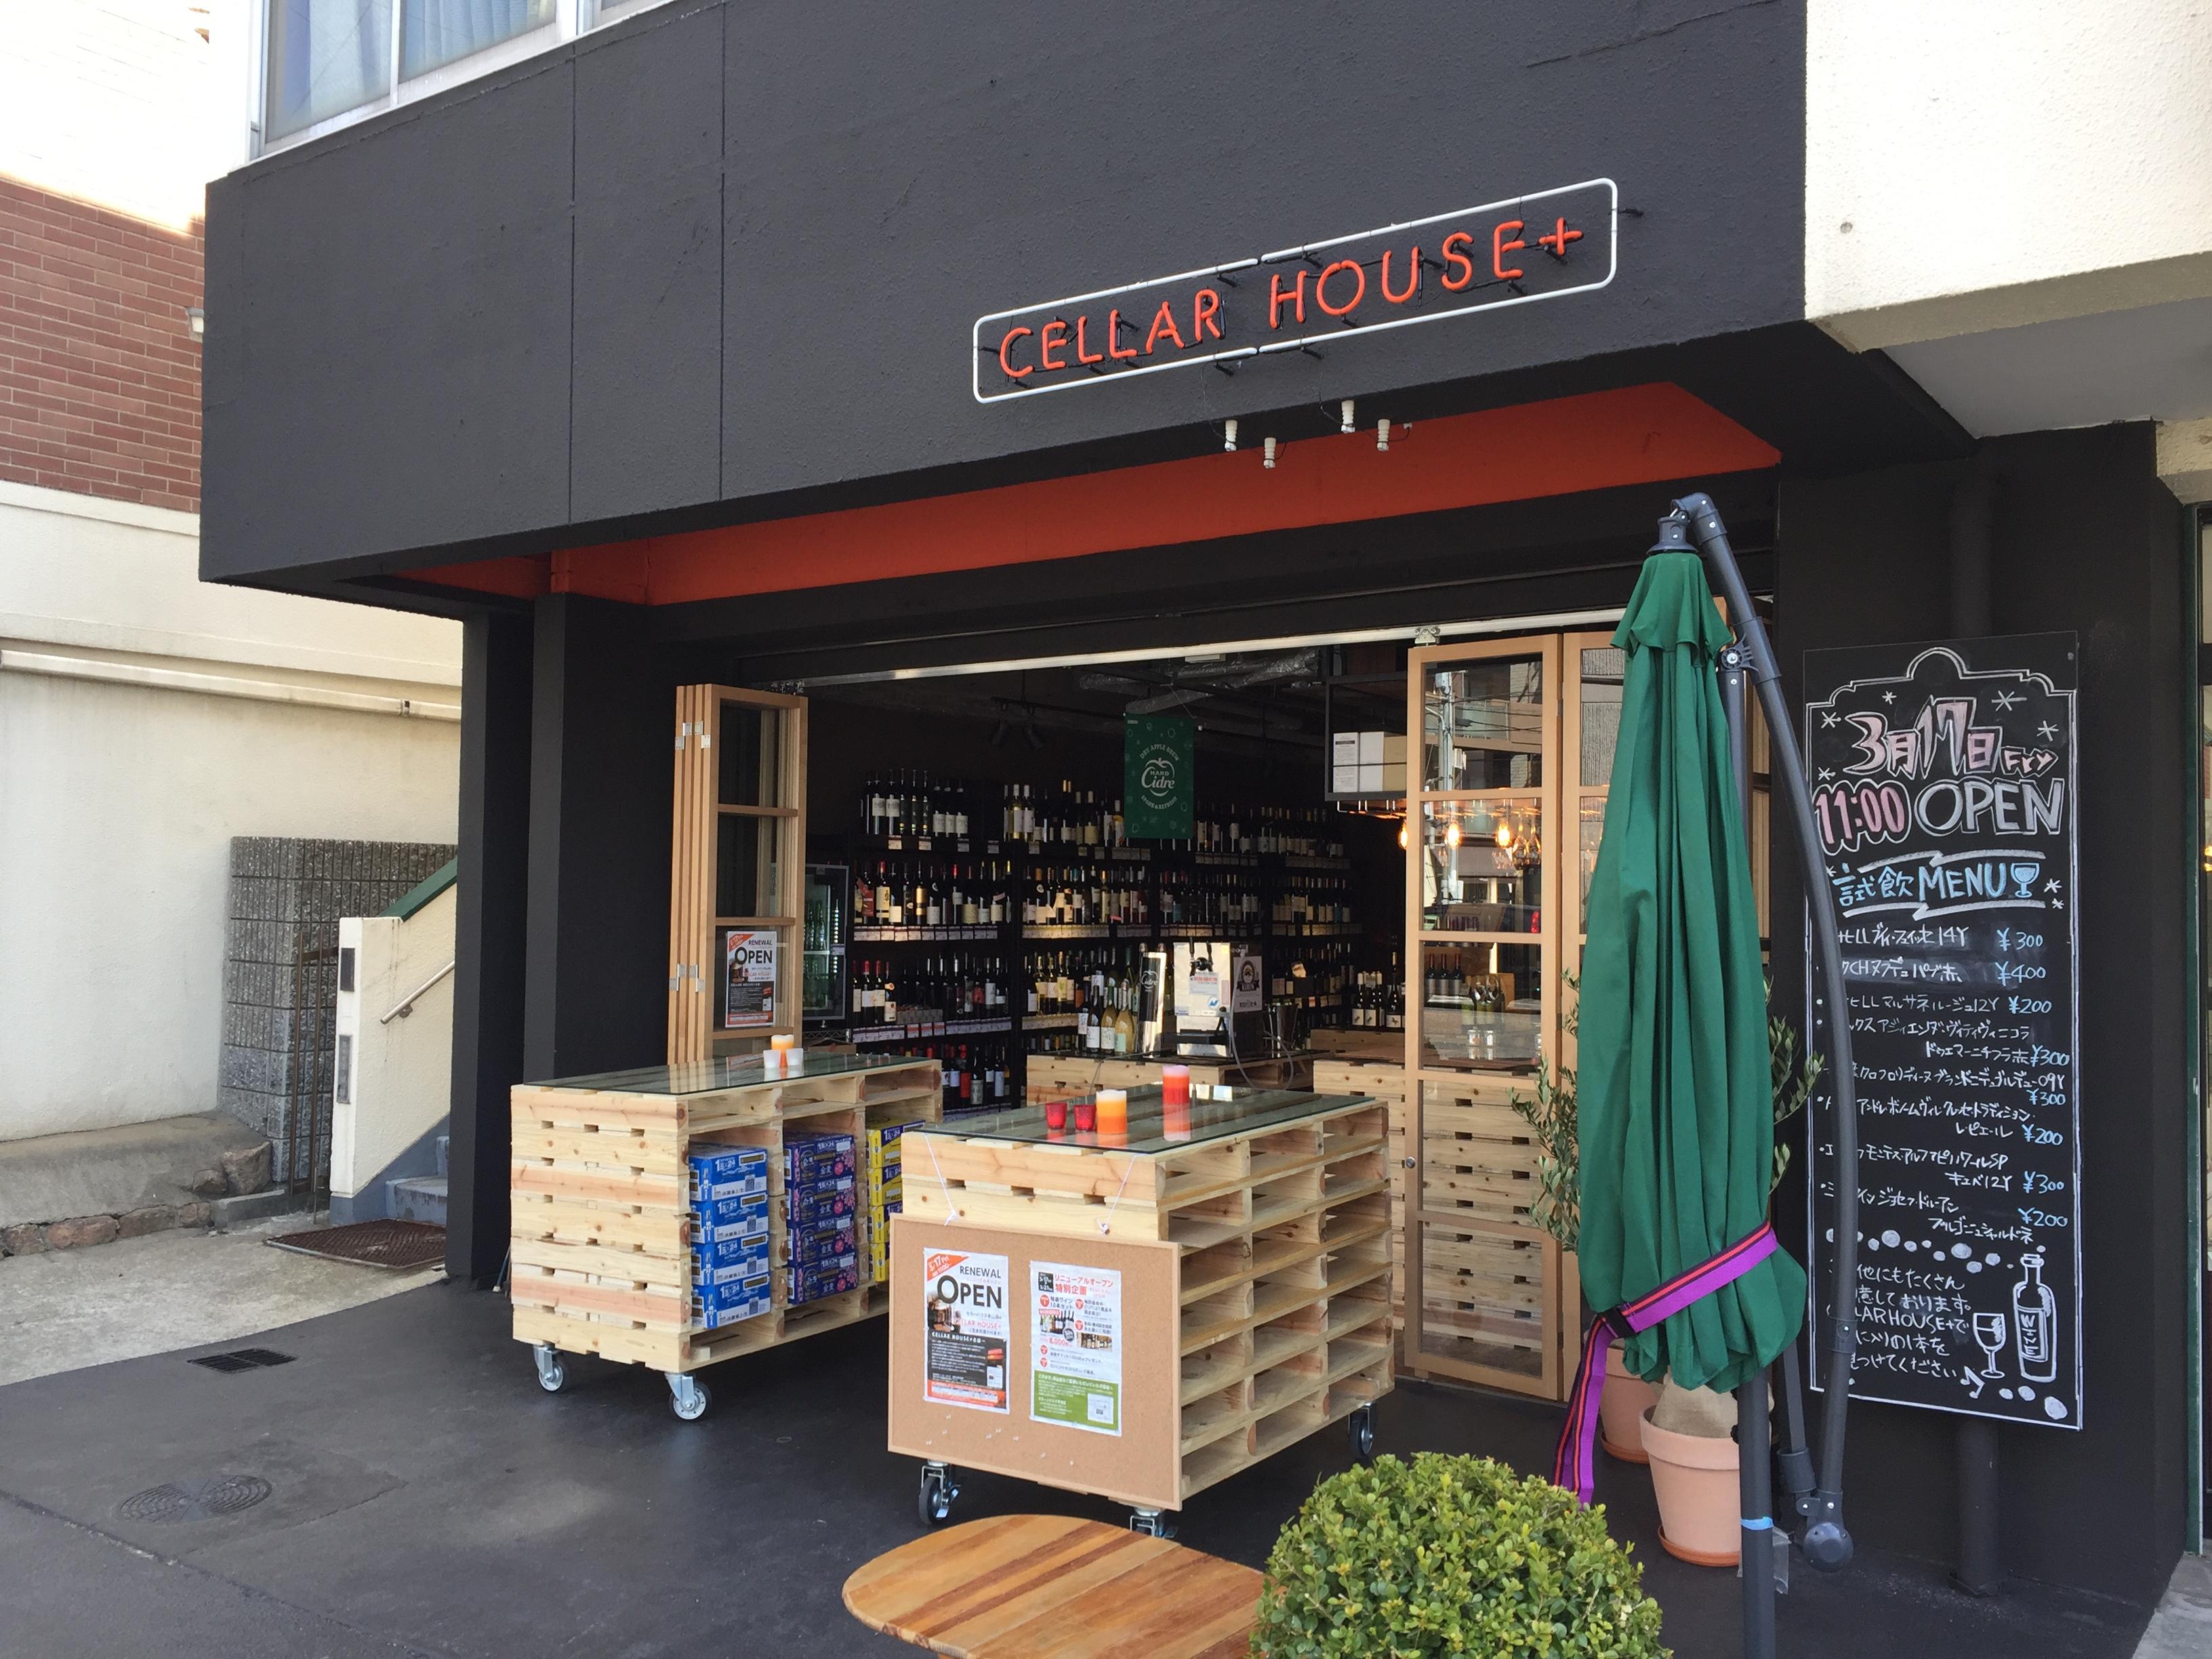 神戸・摂津本山に「セラーハウスプラス」がリニューアルオープン!【※写真付で店舗ご紹介】